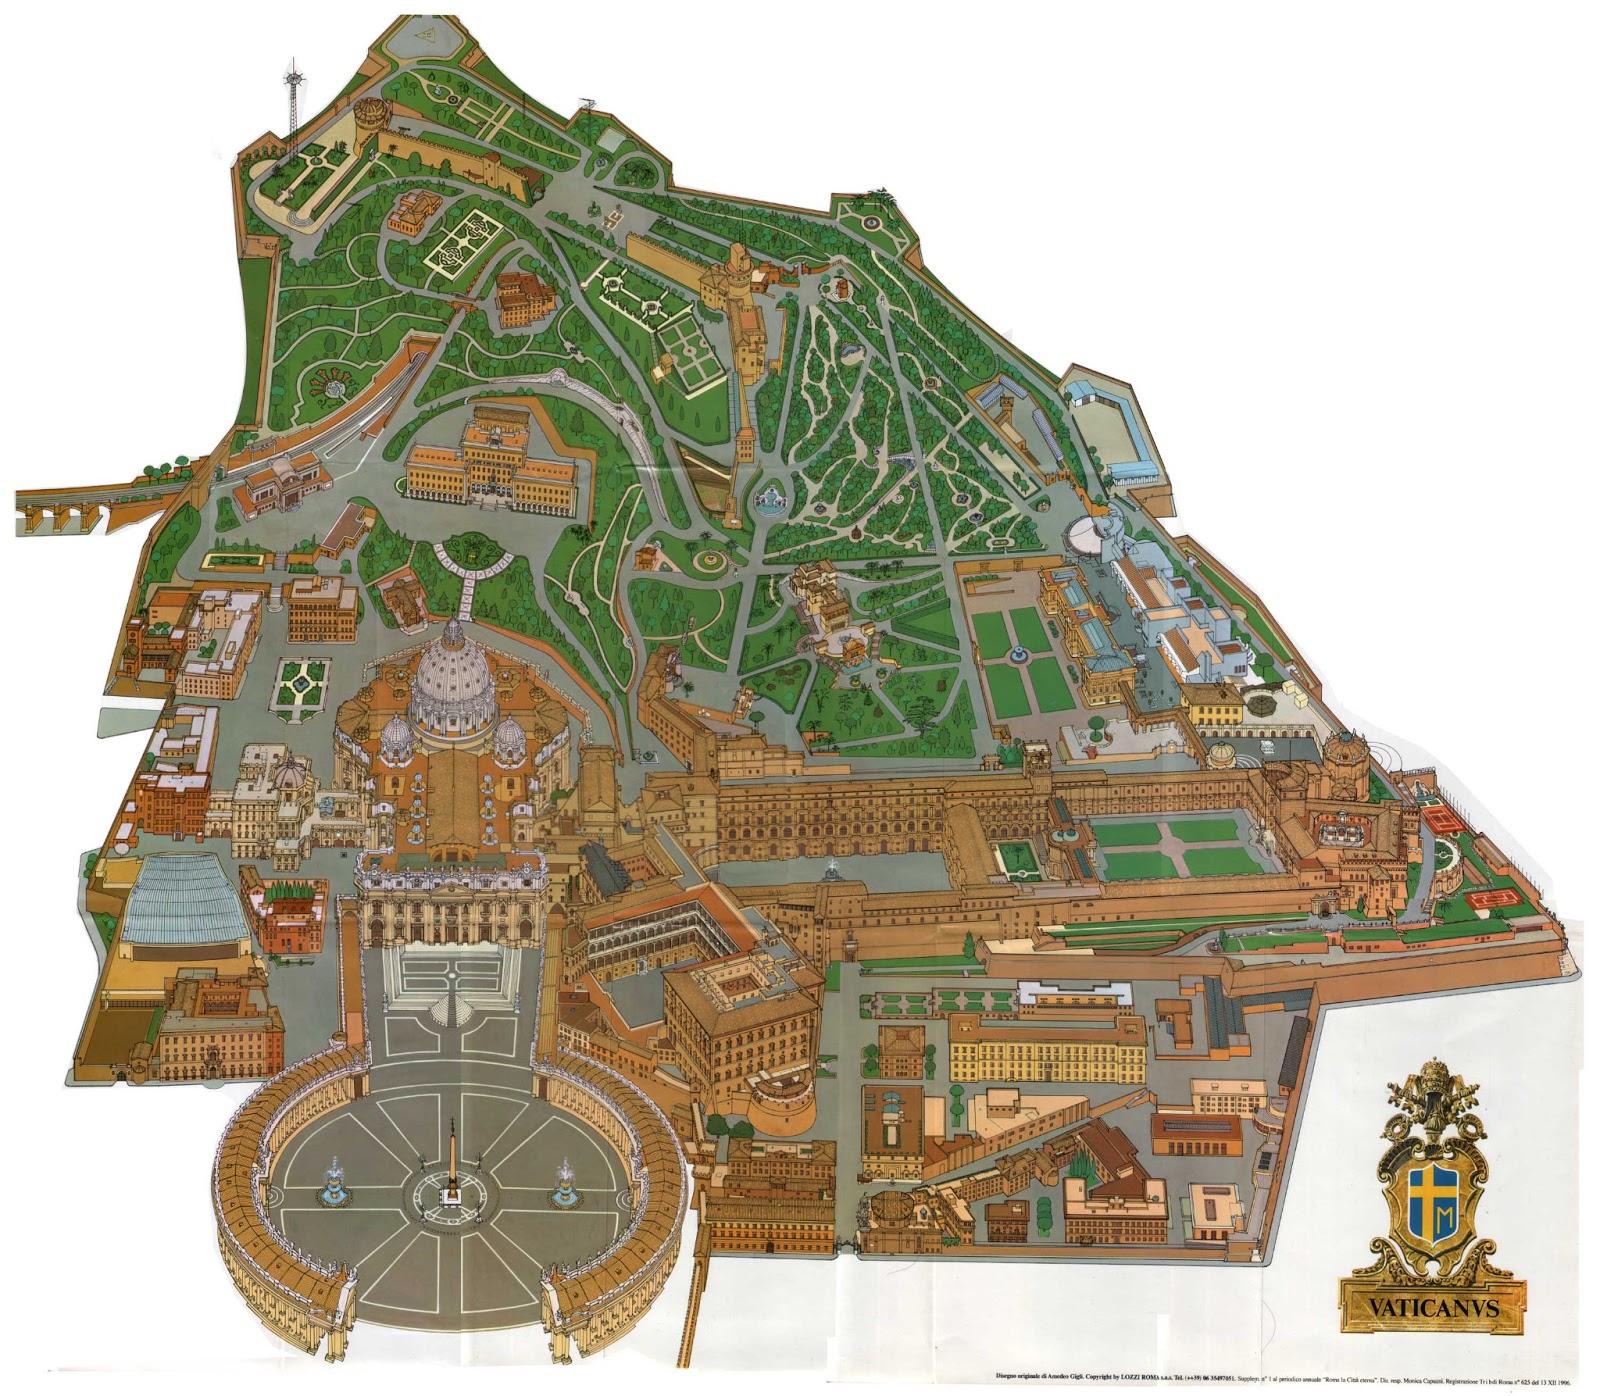 Etat du Vatican | Cartes géographiques d'Etat du Vatican